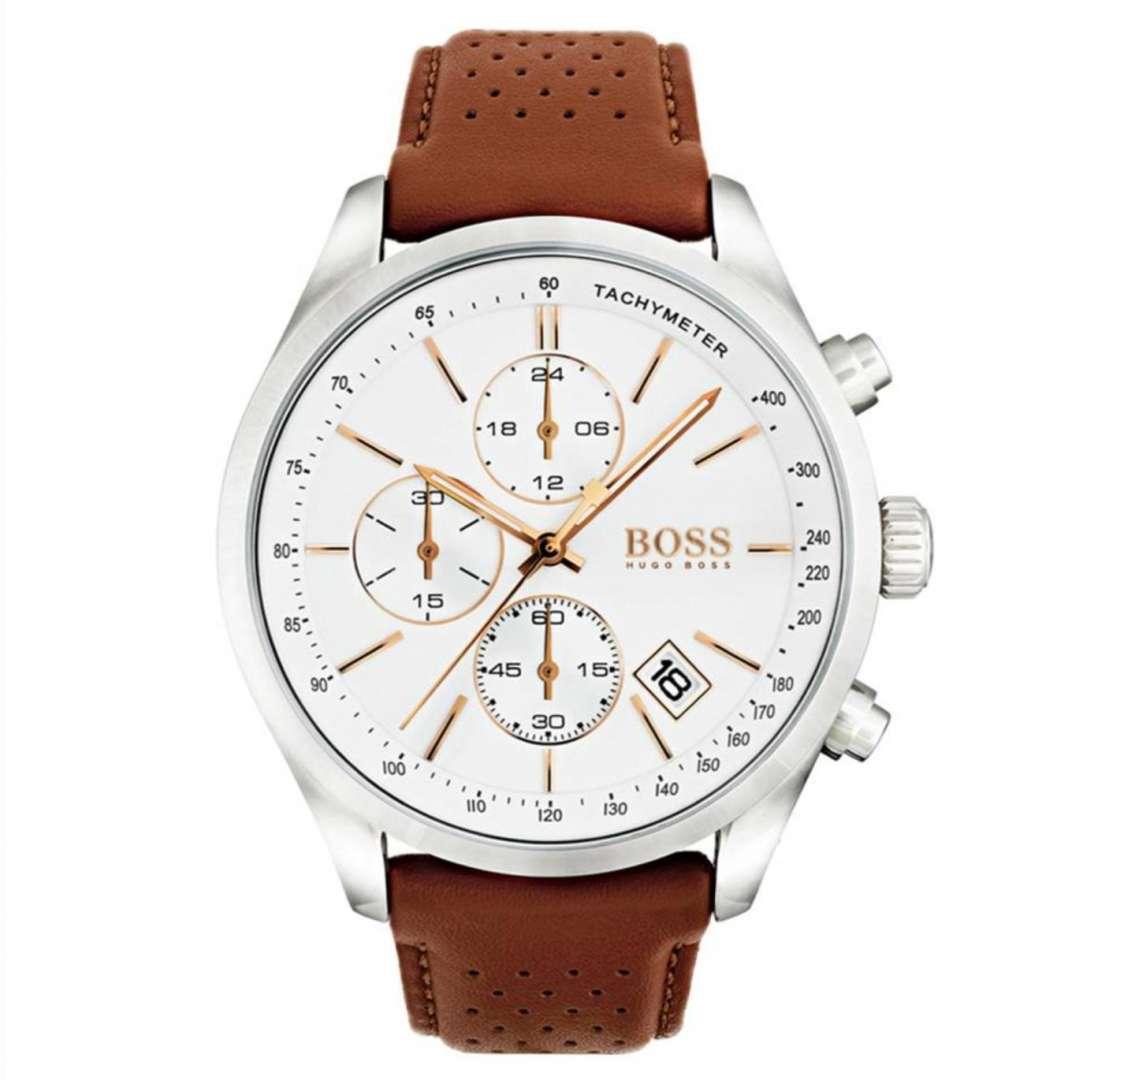 שעון יד אנלוגי לגבר hugo boss 1513475 הוגו בוס